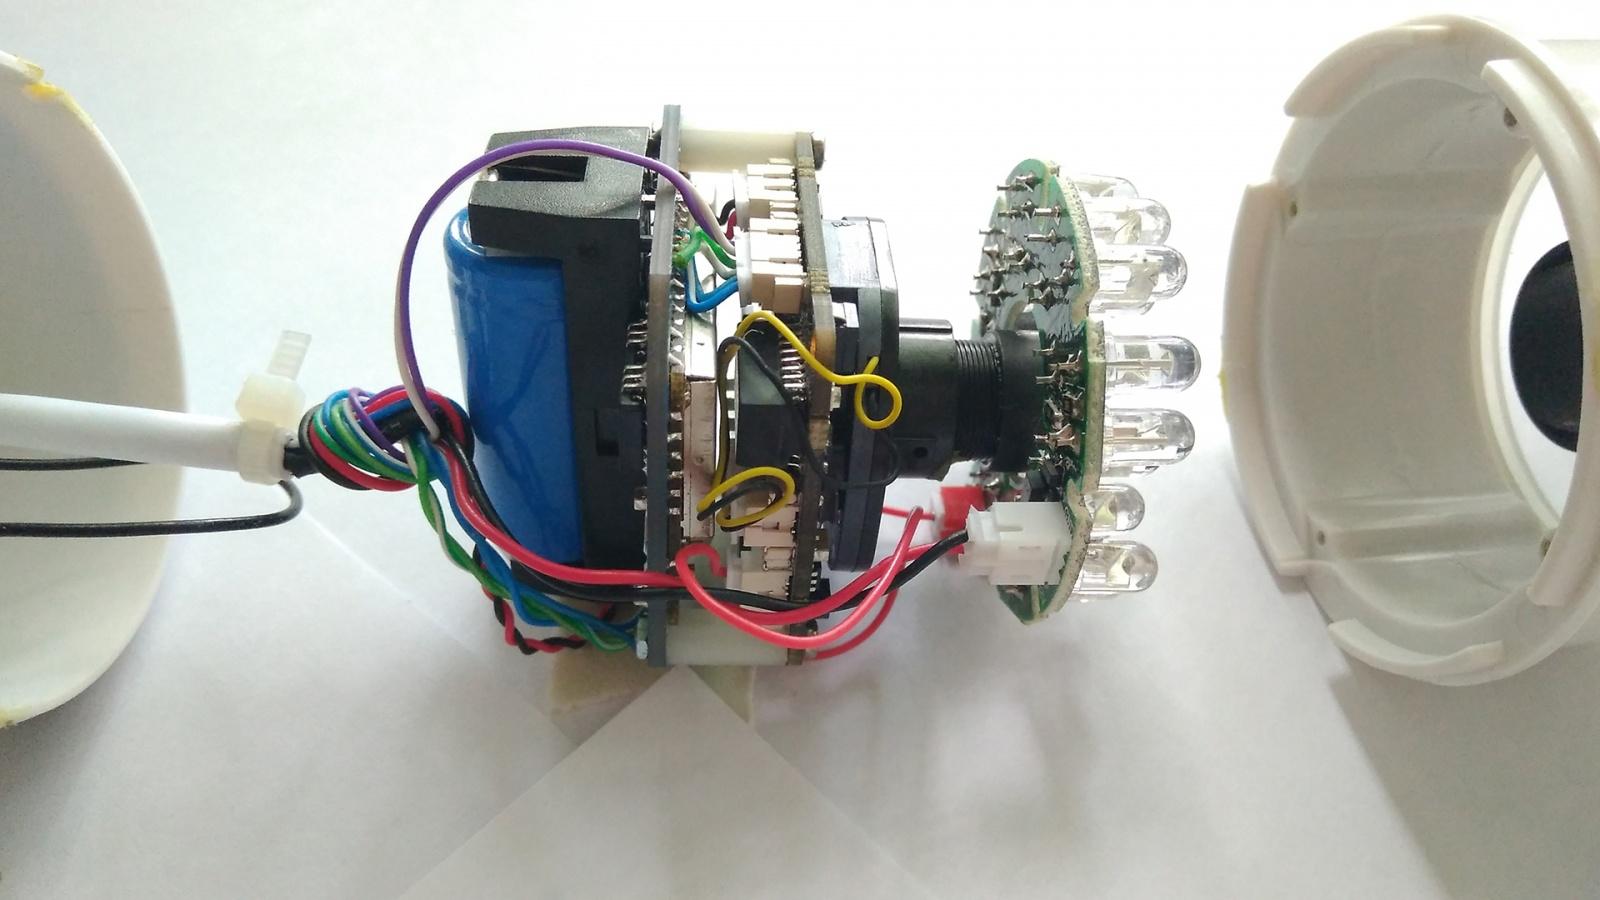 Как мы сделали малогабаритный облачный видеорегистратор из обычной IP камеры - 38